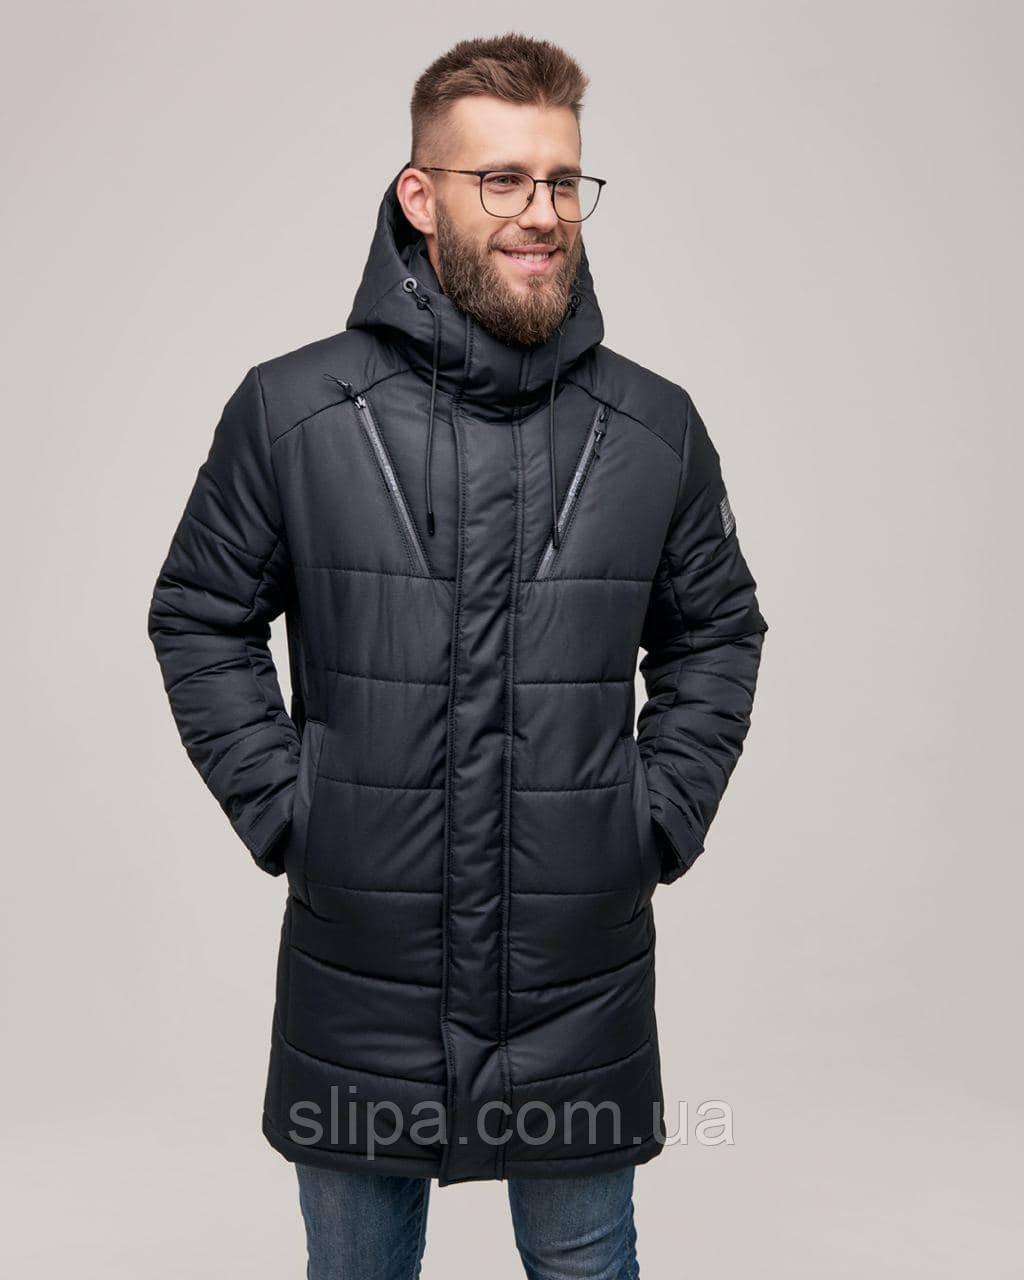 Чоловіча зимова куртка чорна RICCARDO